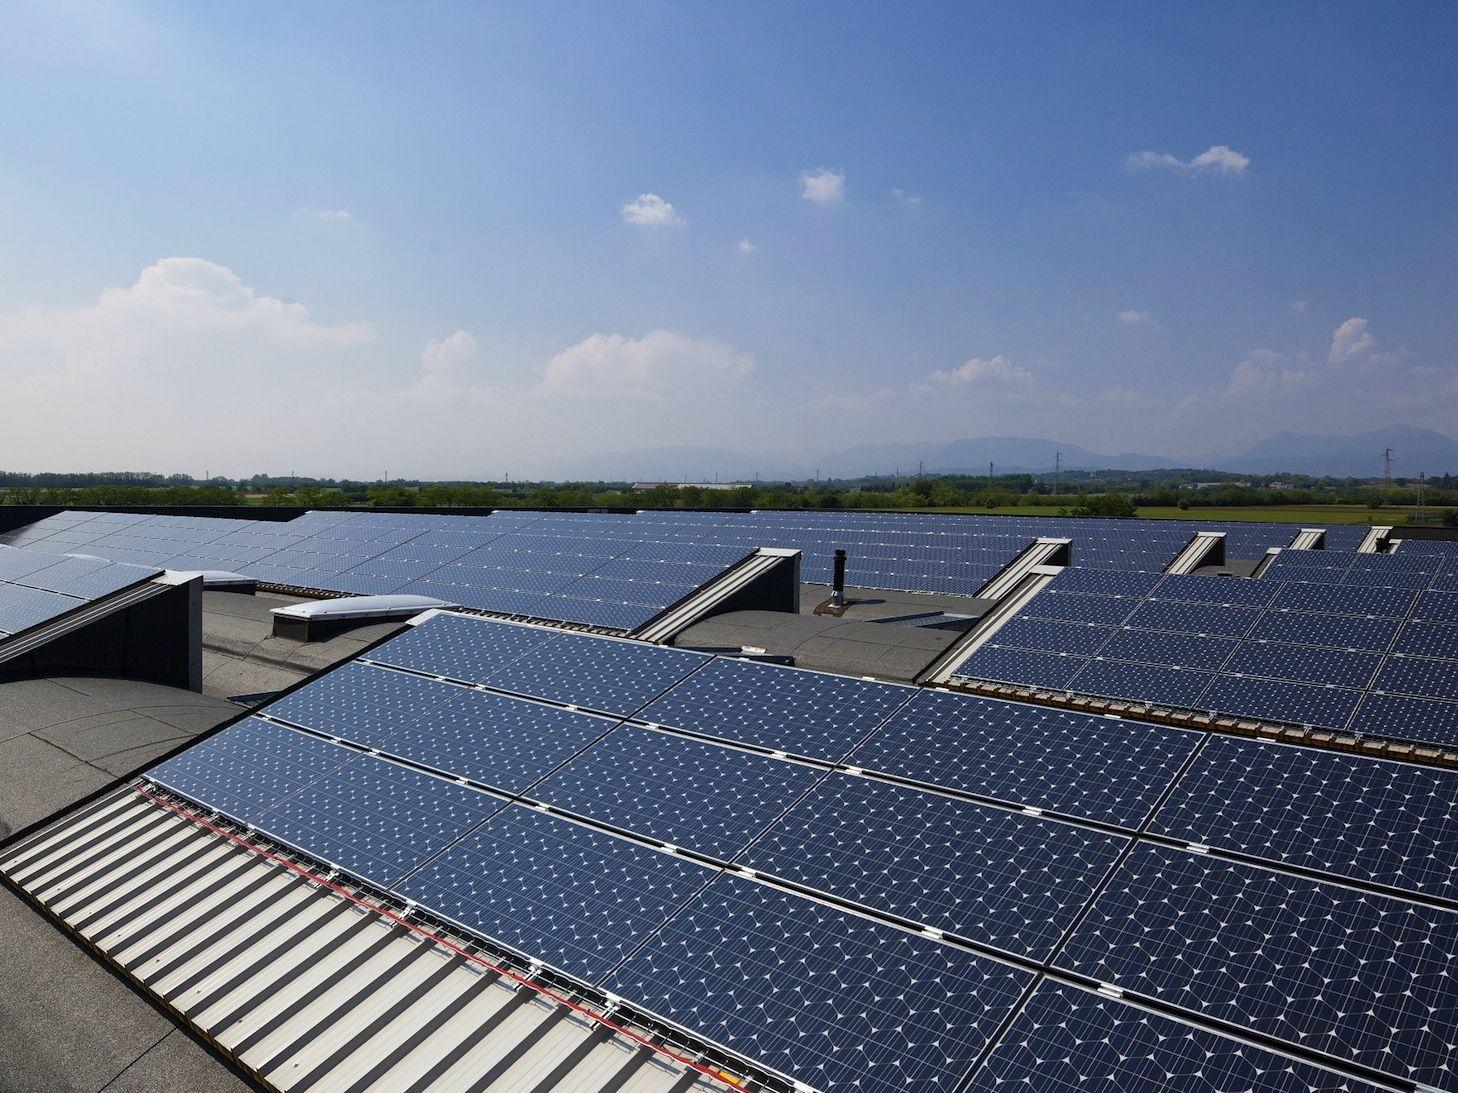 Totale autosufficienza energetica per il quartier generale Pratic